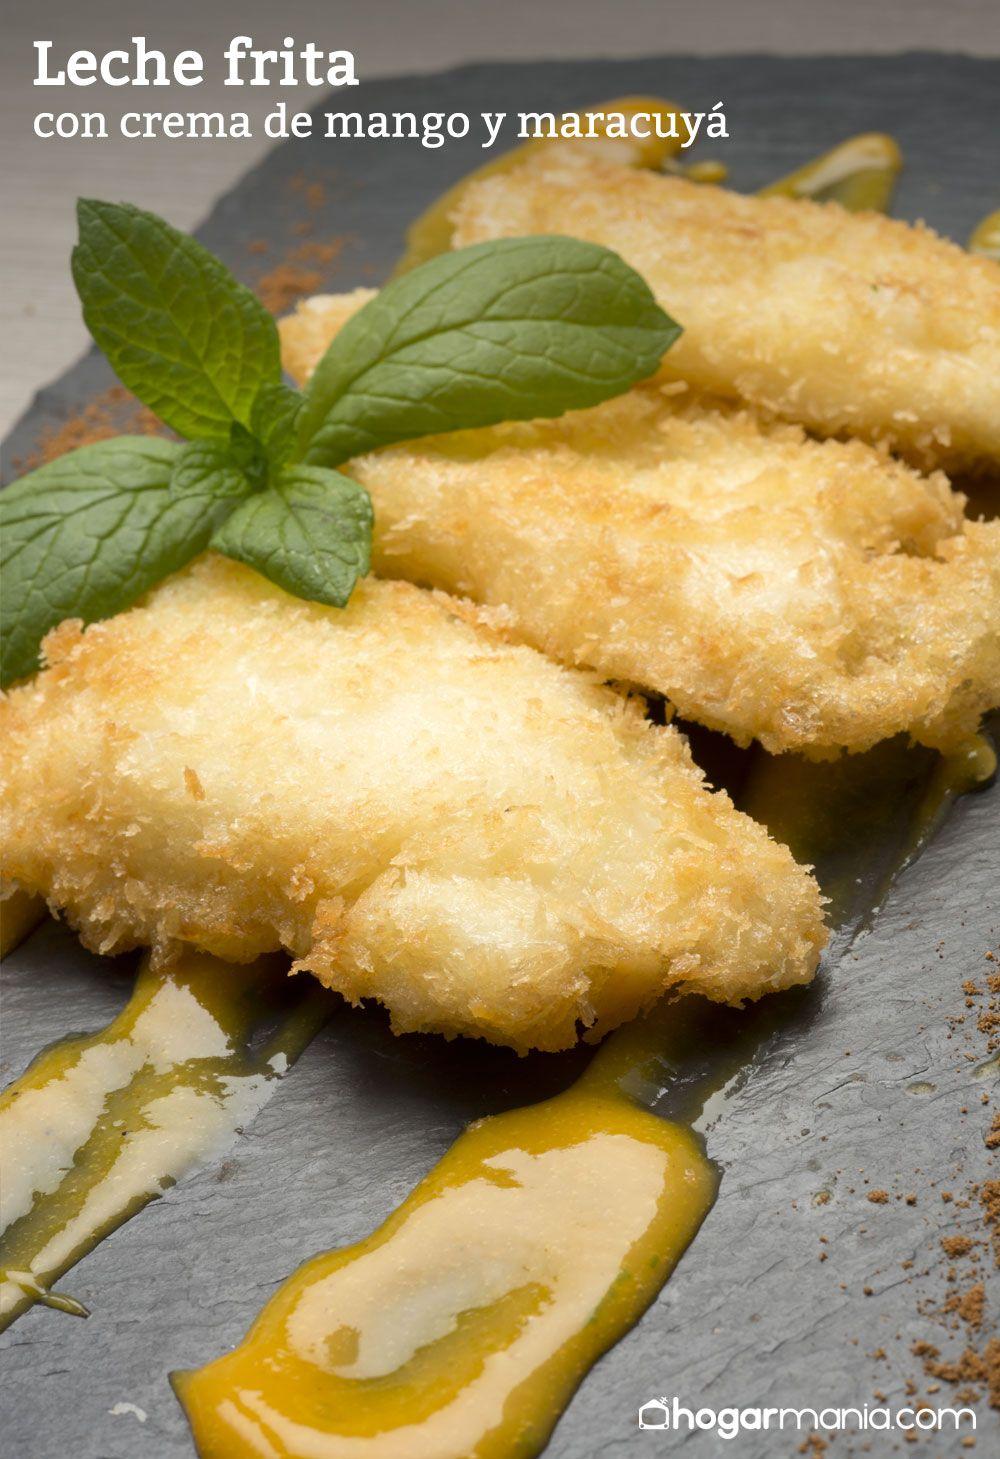 Leche frita con crema de mango y maracuyá